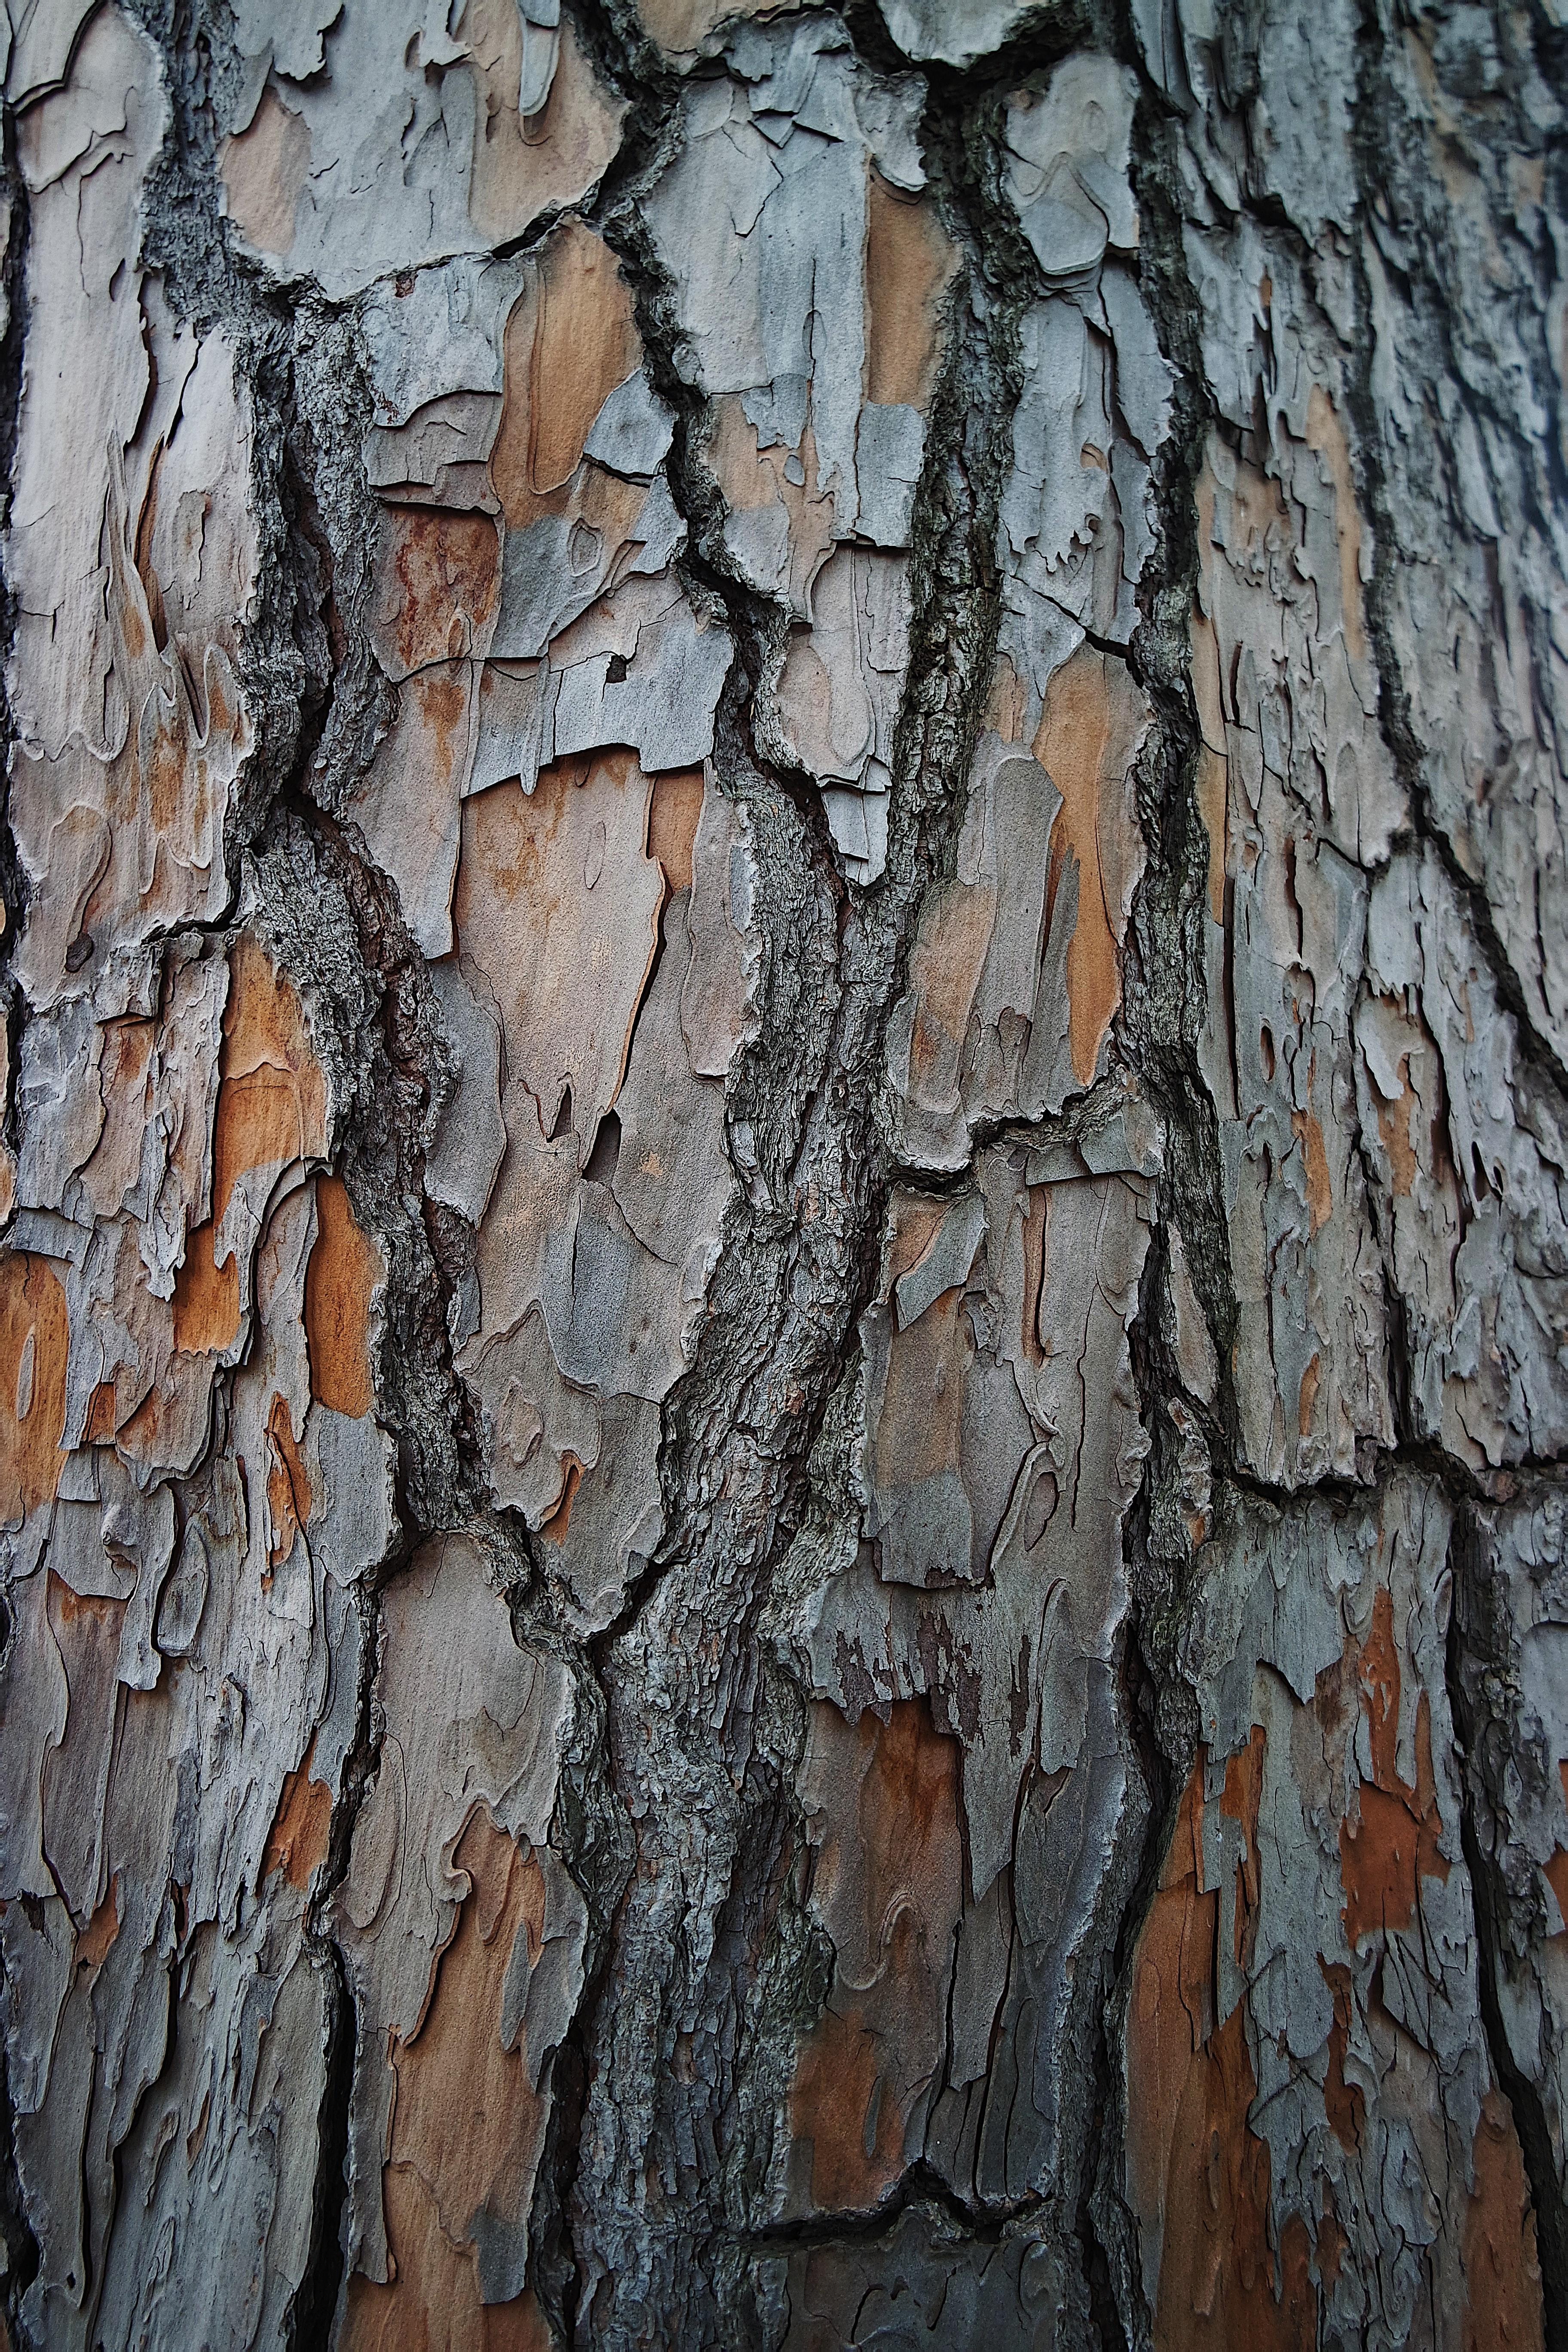 61456 Protetores de tela e papéis de parede Texturas em seu telefone. Baixe Texturas, Madeira, Árvore, Textura, Superfície, Latido, Casca fotos gratuitamente